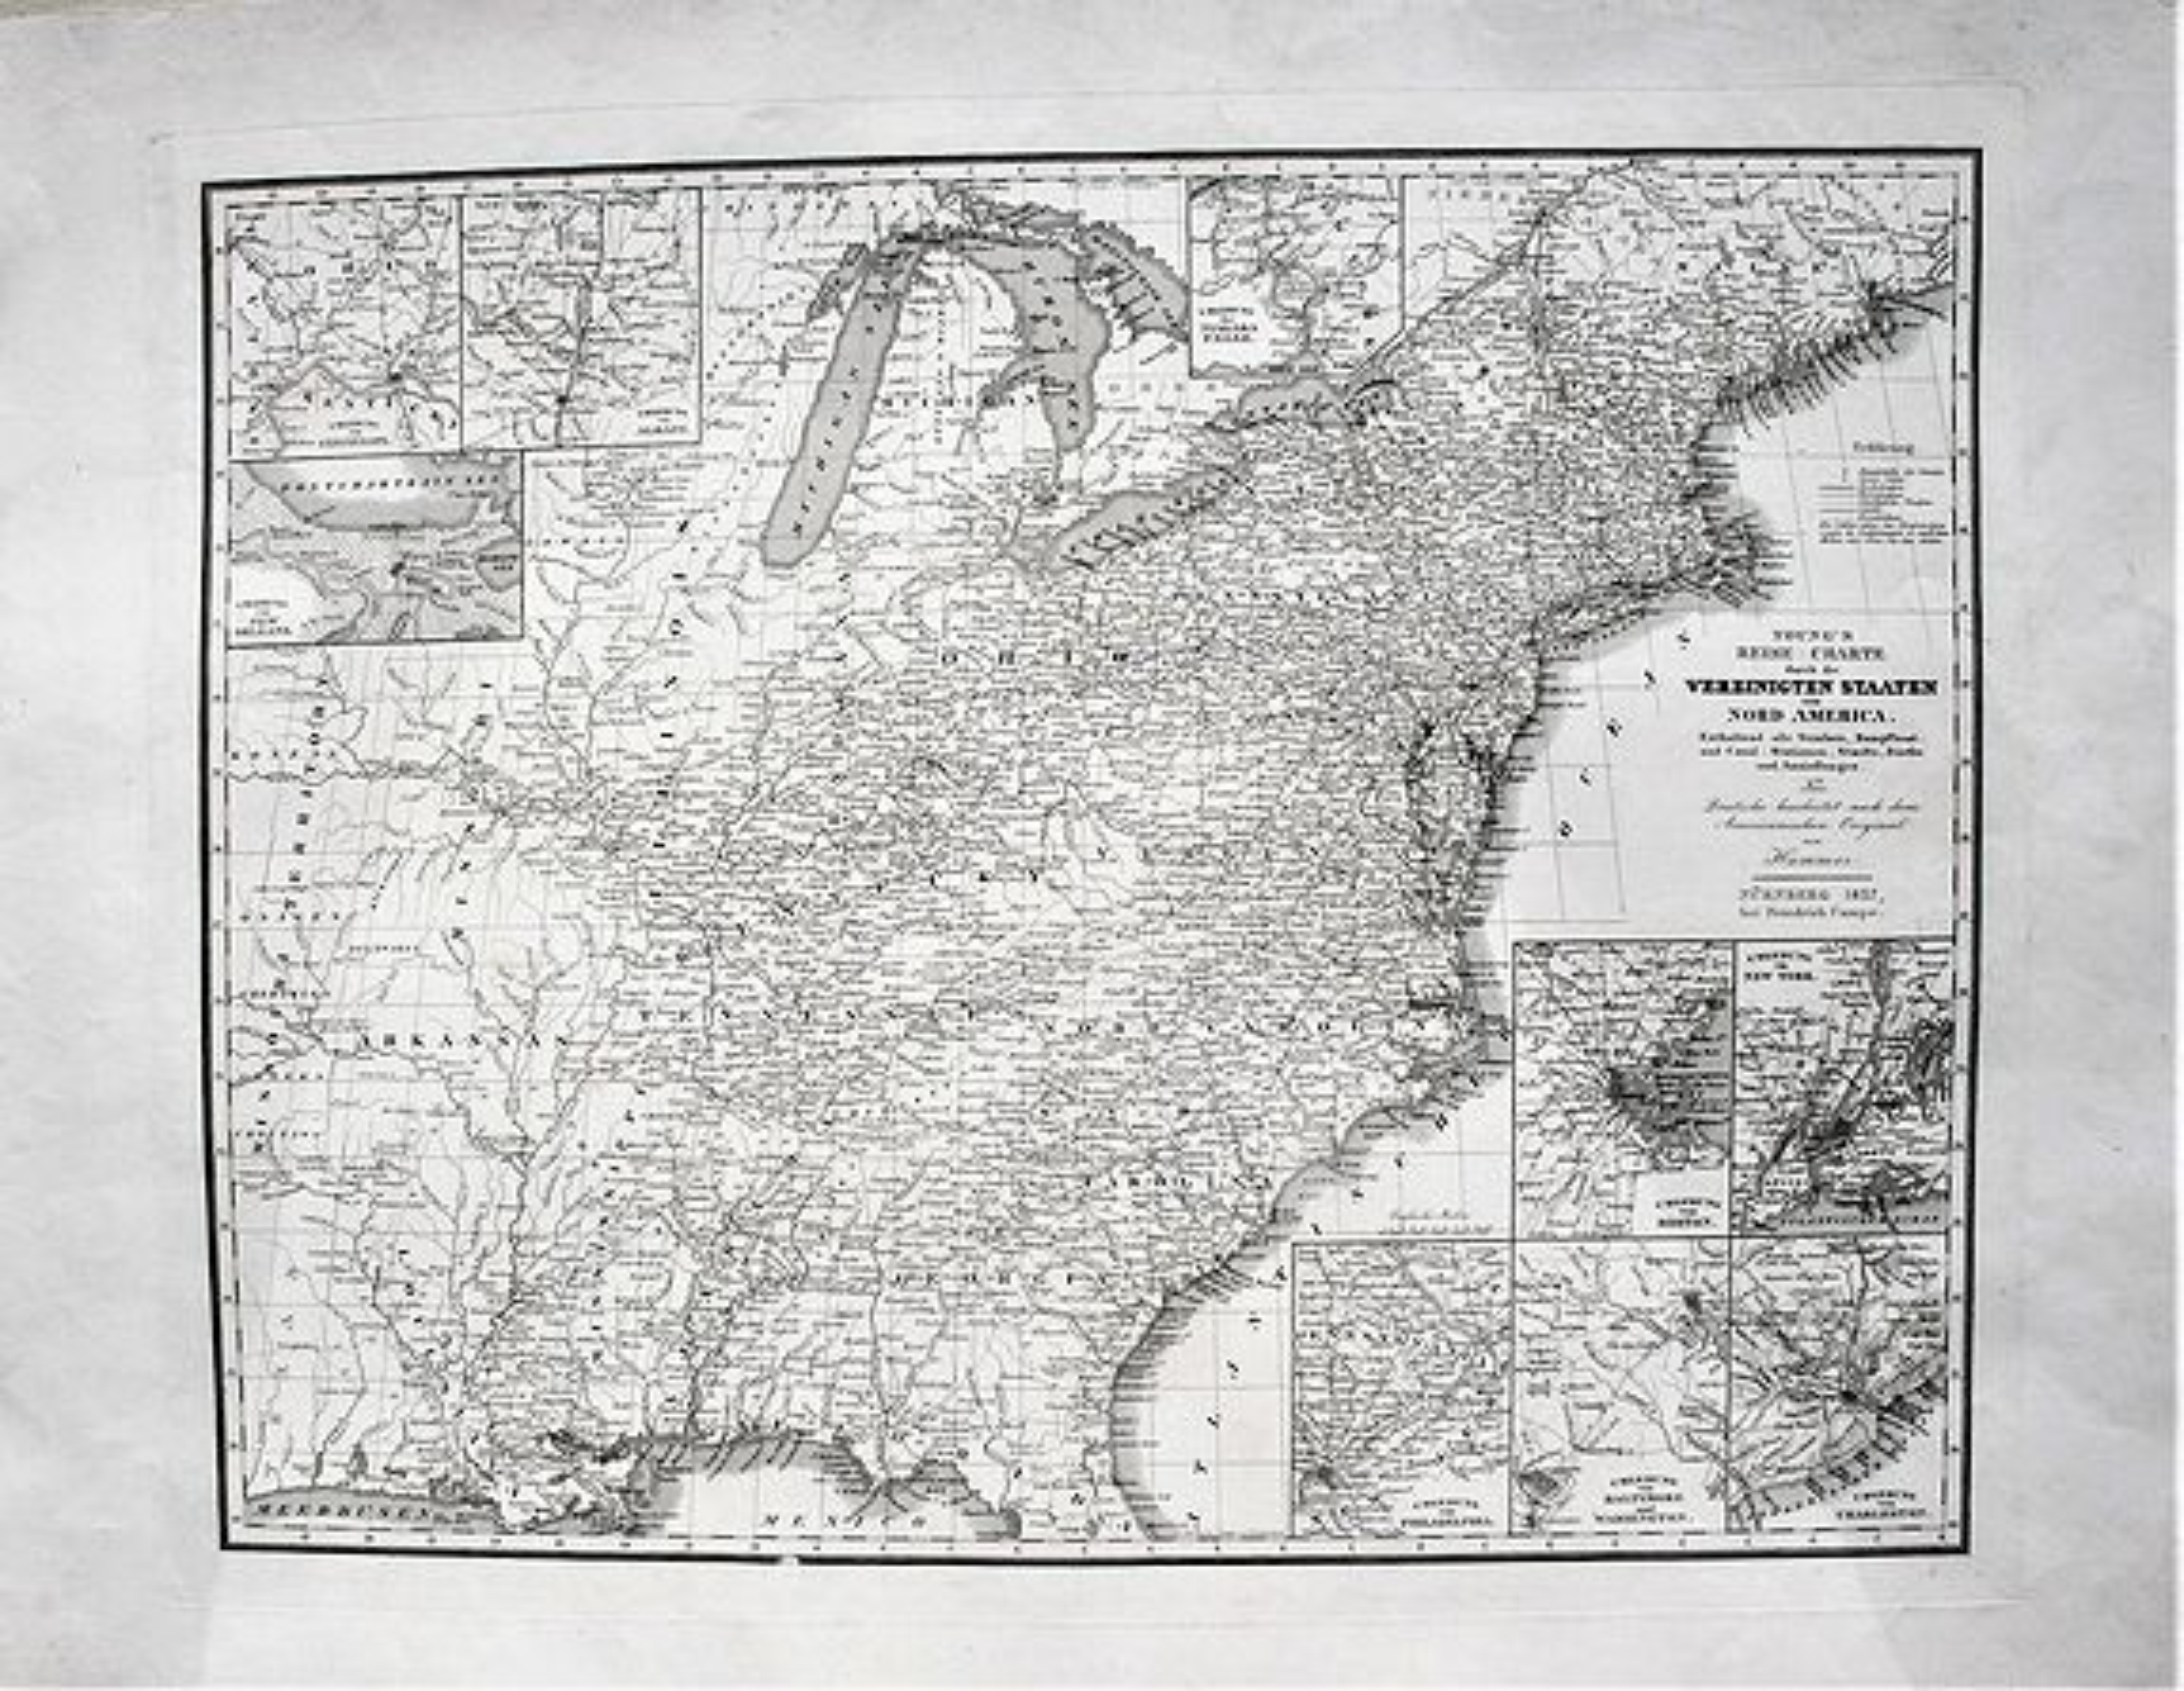 CAMPE. - Young's Reise=Charte durch die Vereinigten Staaten von Nord America. Enthaltend alle Strassen, Dampfboot und Canal = Stationen, Staedte, Dorfer und Ansiedlungen. . .